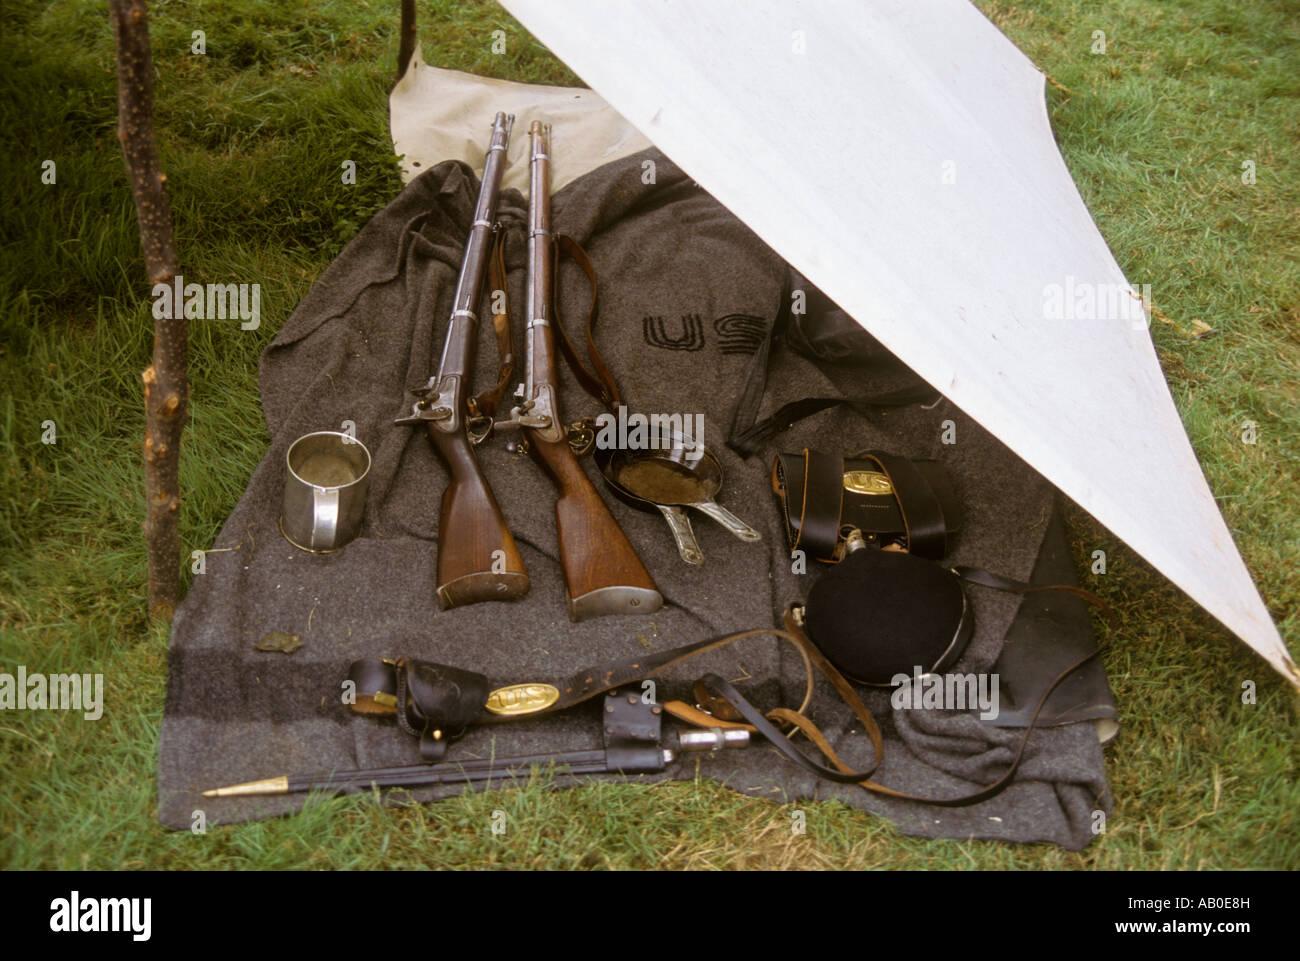 Civil war reenactors canvas tent equipment bed roll Lancaster PA Pennsylvania USA & Civil war reenactors canvas tent equipment bed roll Lancaster PA ...